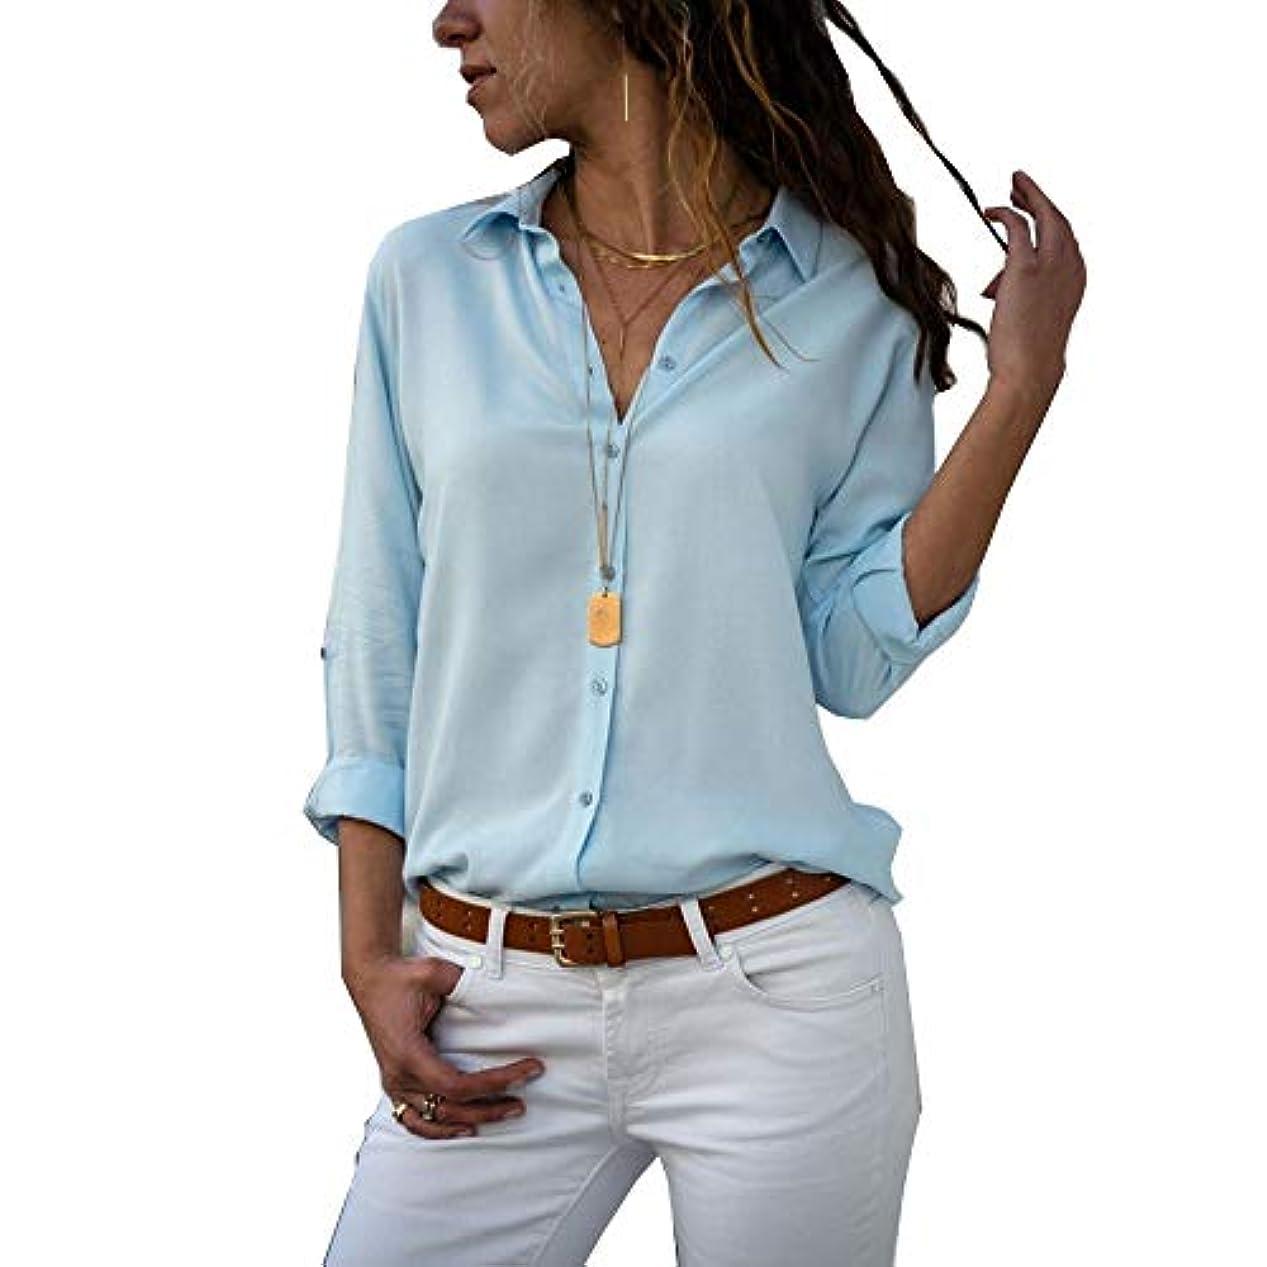 独占再生的オーロックMIFAN ルーズシャツ、トップス&Tシャツ、プラスサイズ、トップス&ブラウス、シフォンブラウス、女性トップス、シフォンシャツ